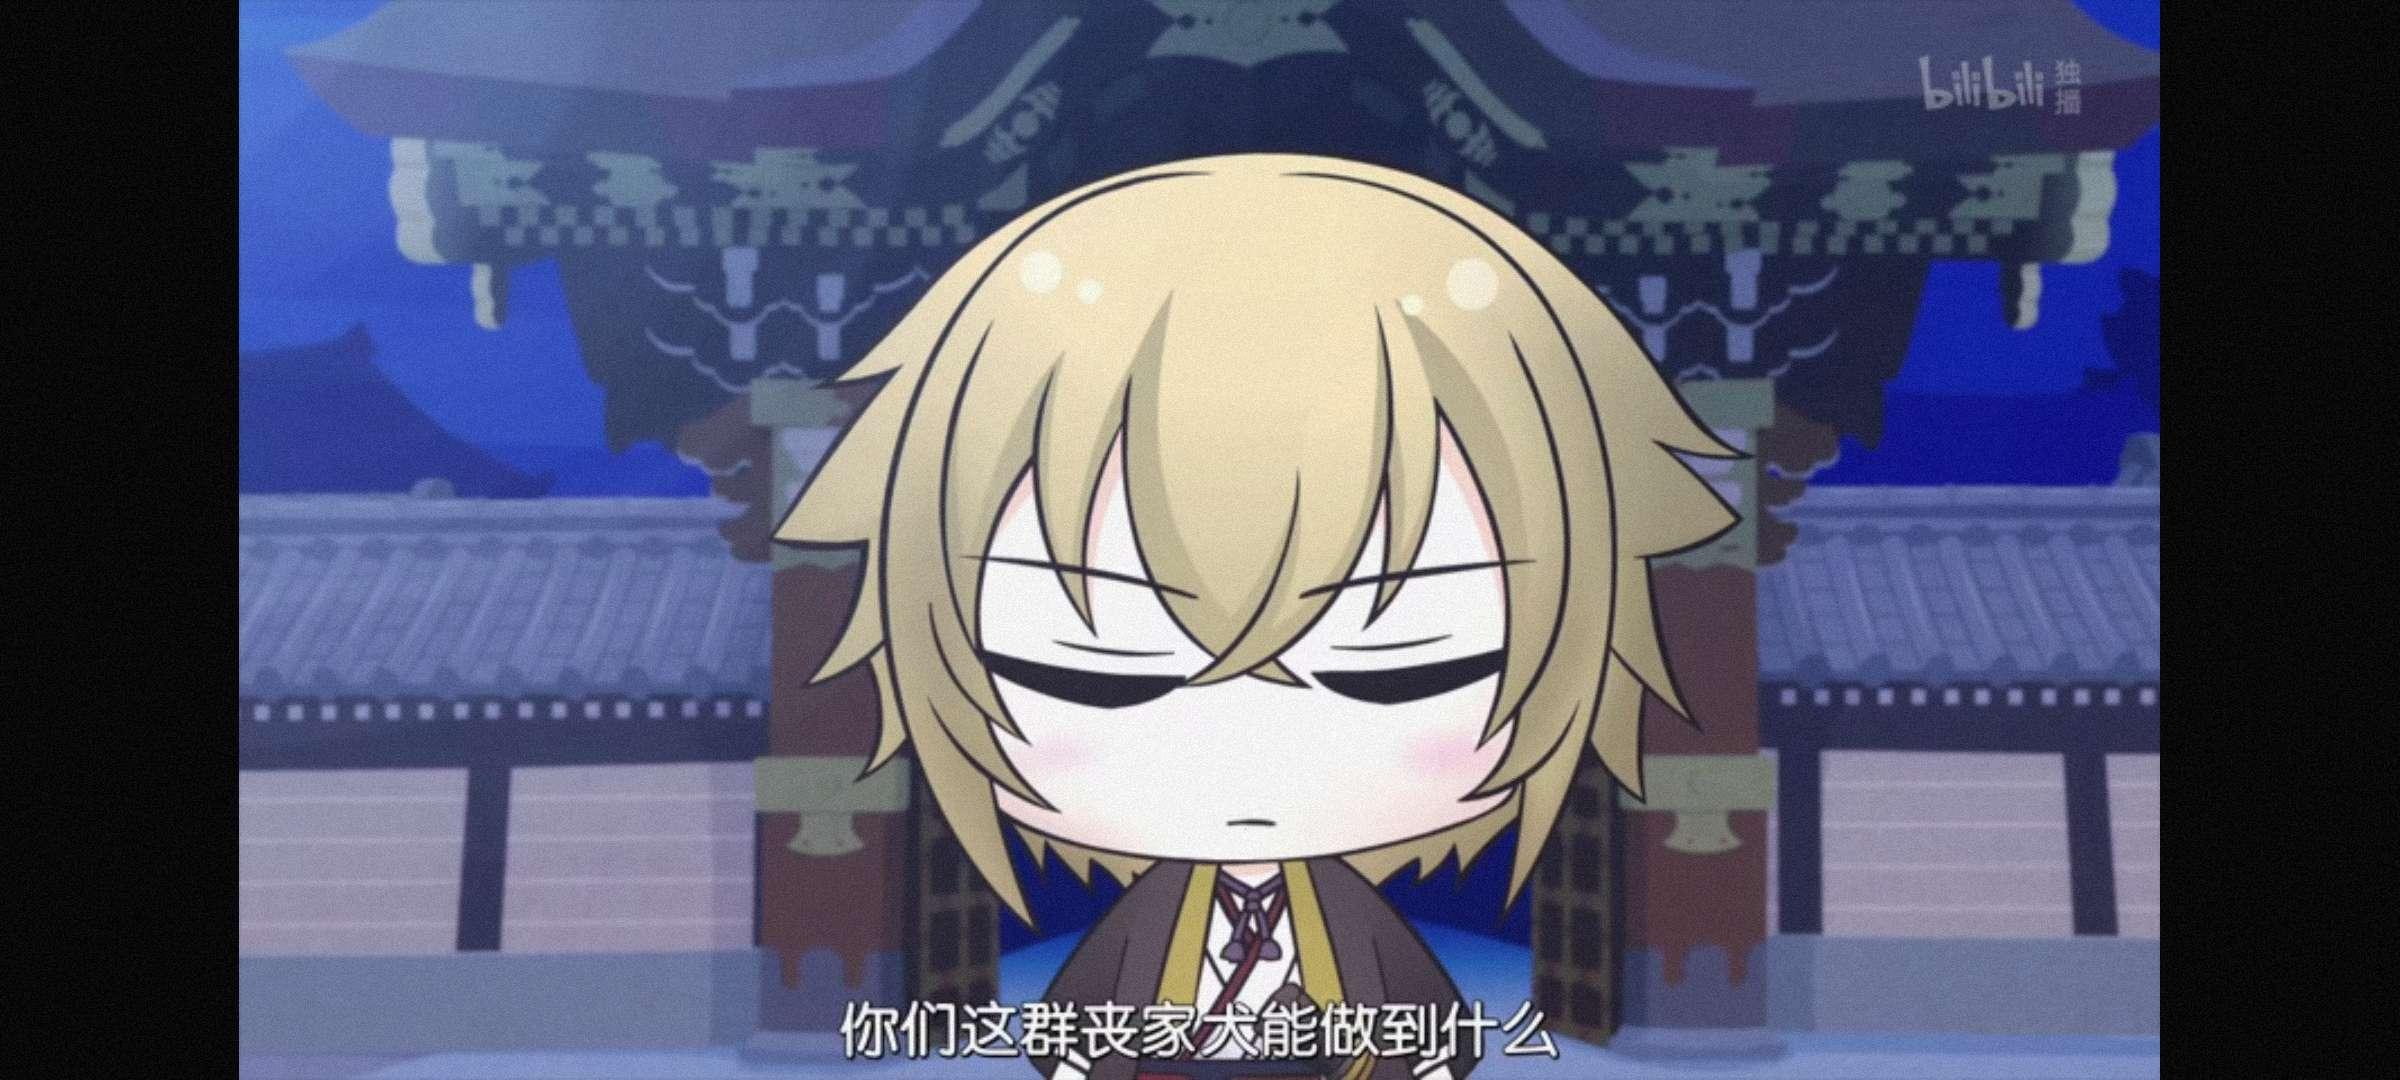 【动漫资源】薄樱鬼 御伽草子-小柚妹站